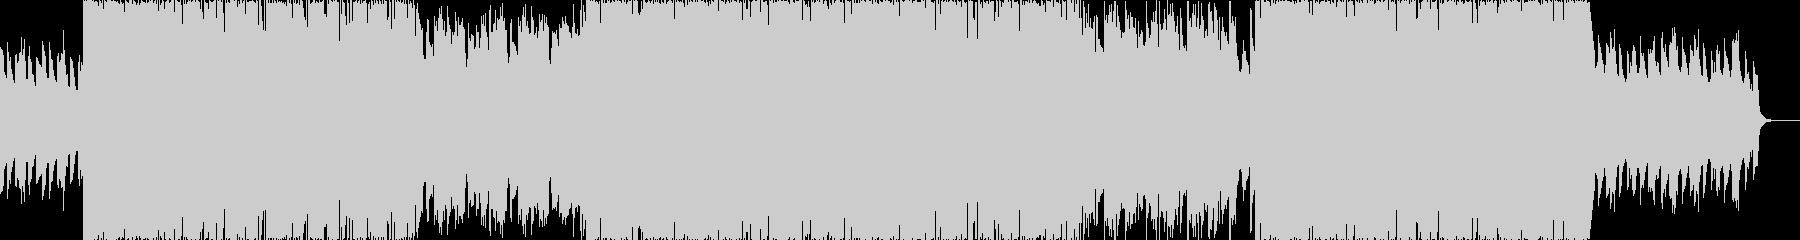 ミディアムテンポで汎用性の高いポップス曲の未再生の波形